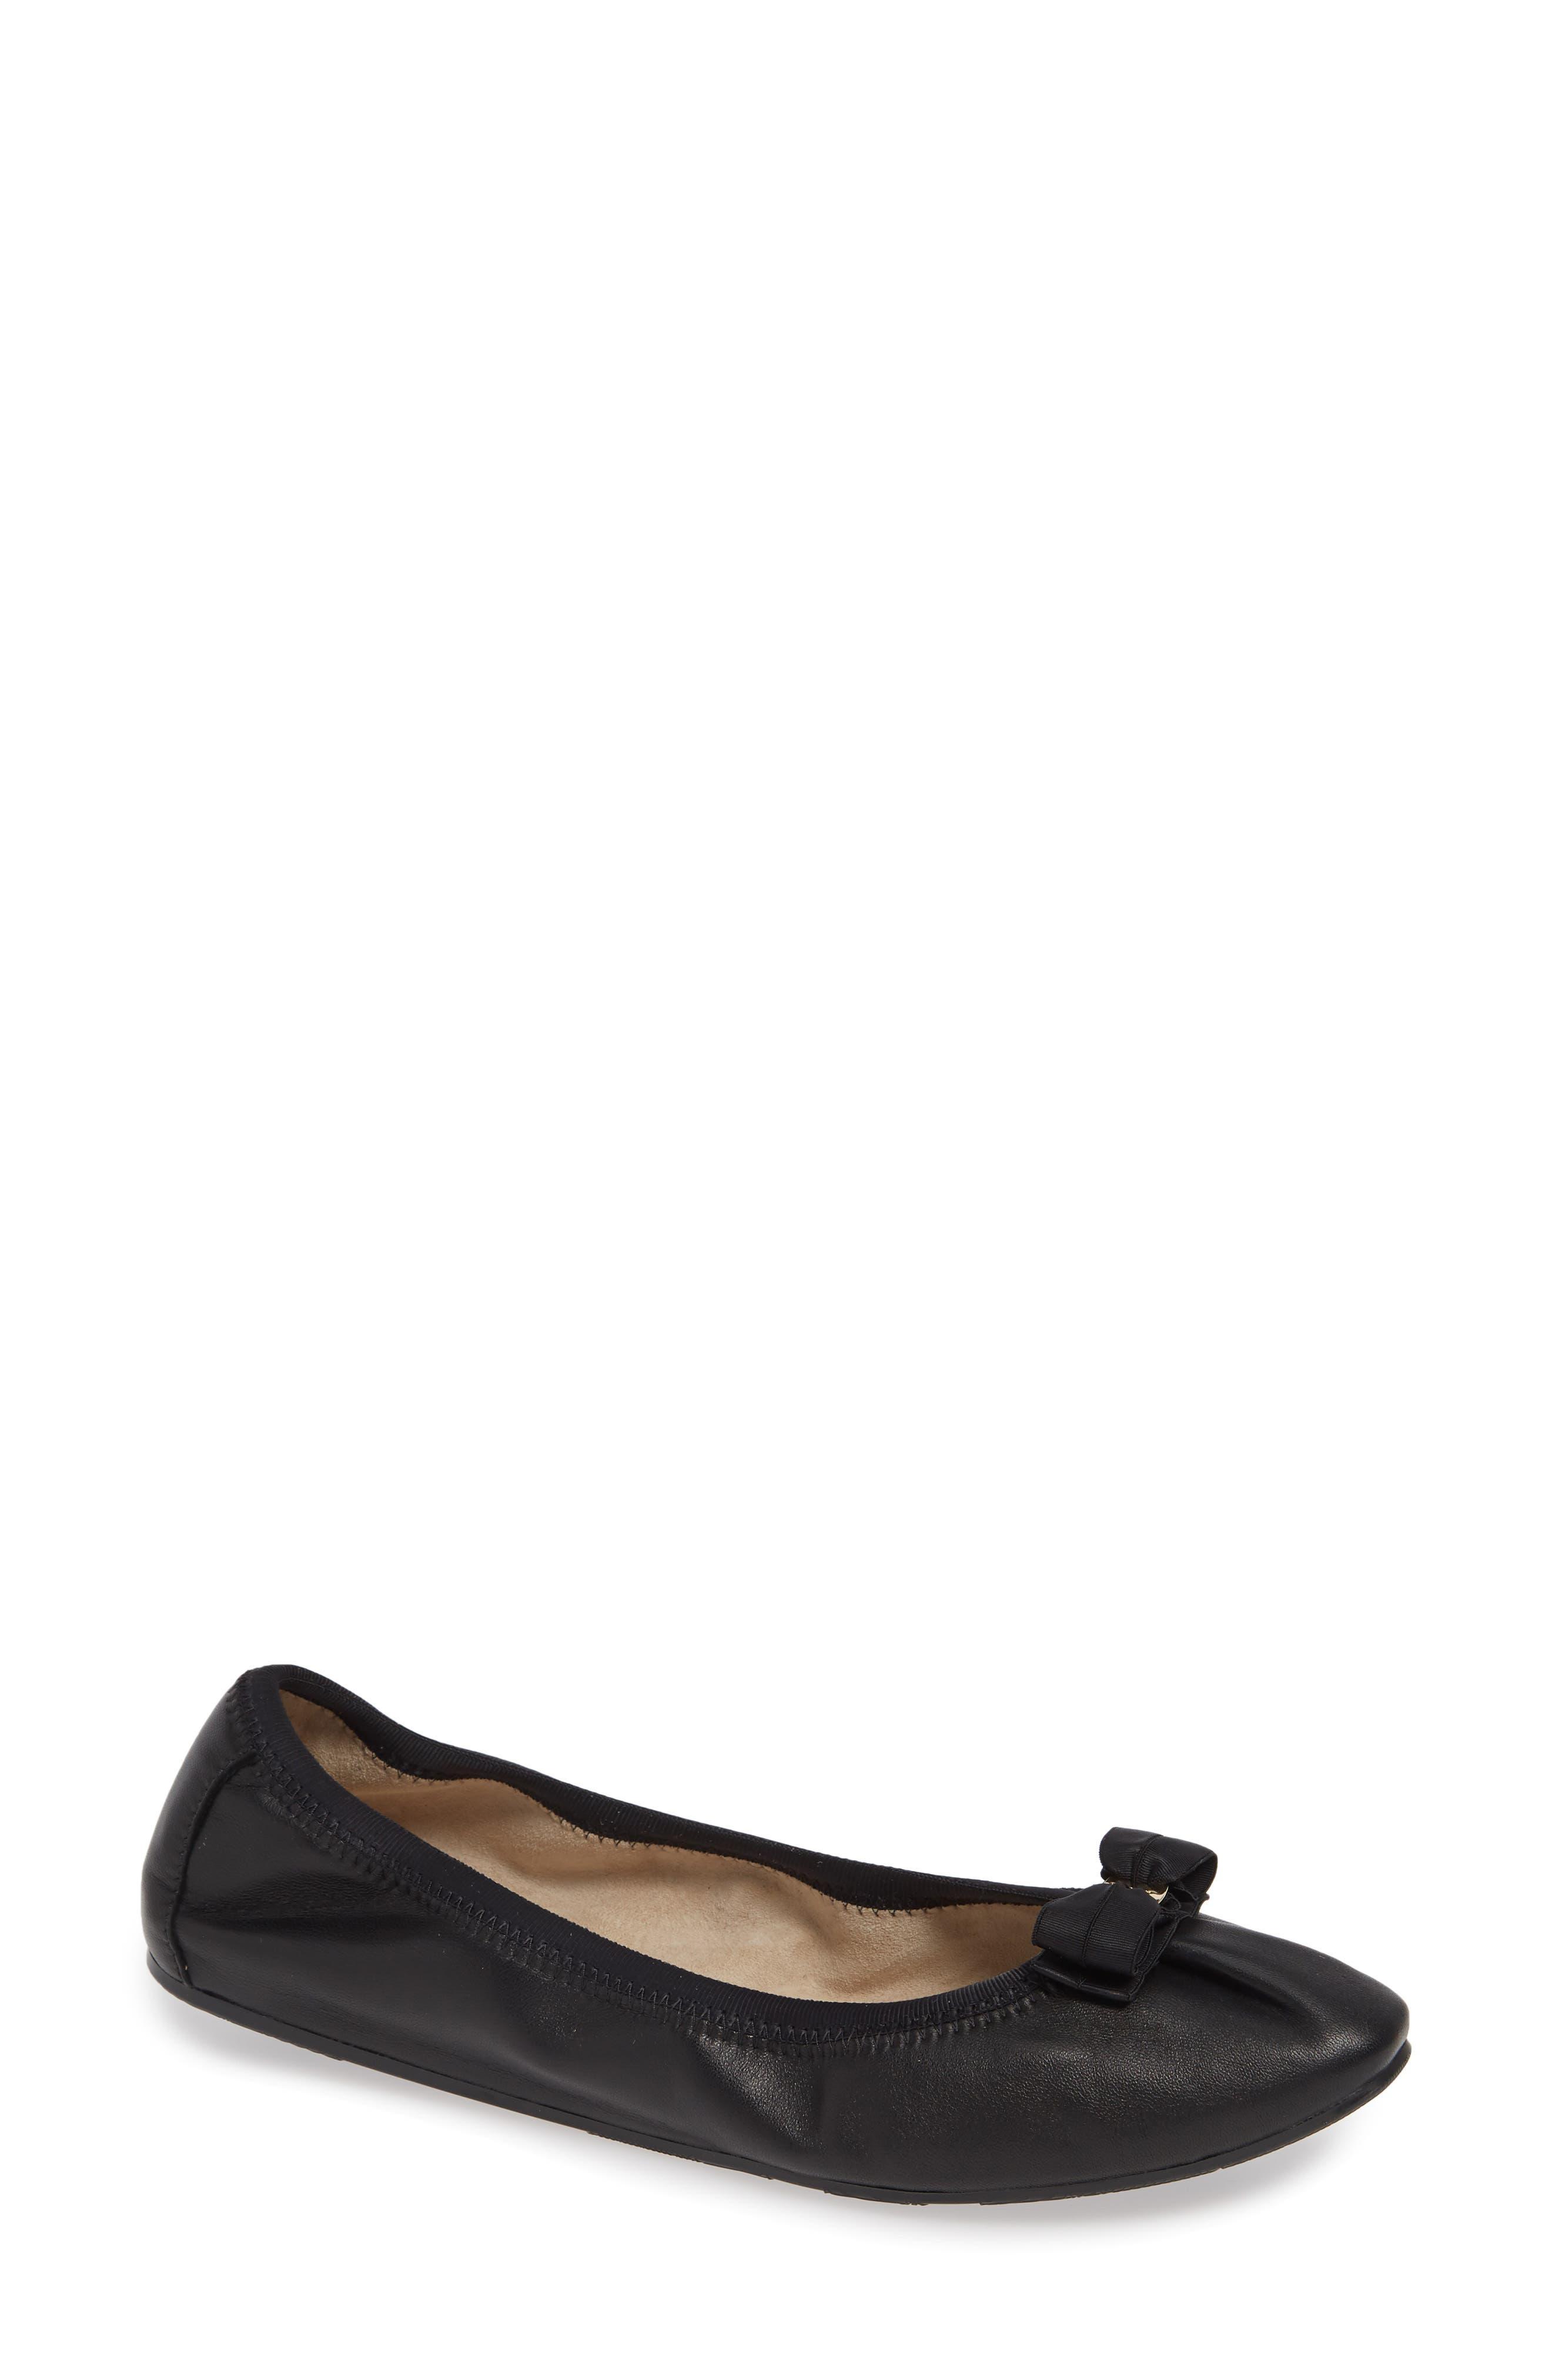 Women'S Joy Almond Toe Nappa Leather Ballet Flats in Black Nappa